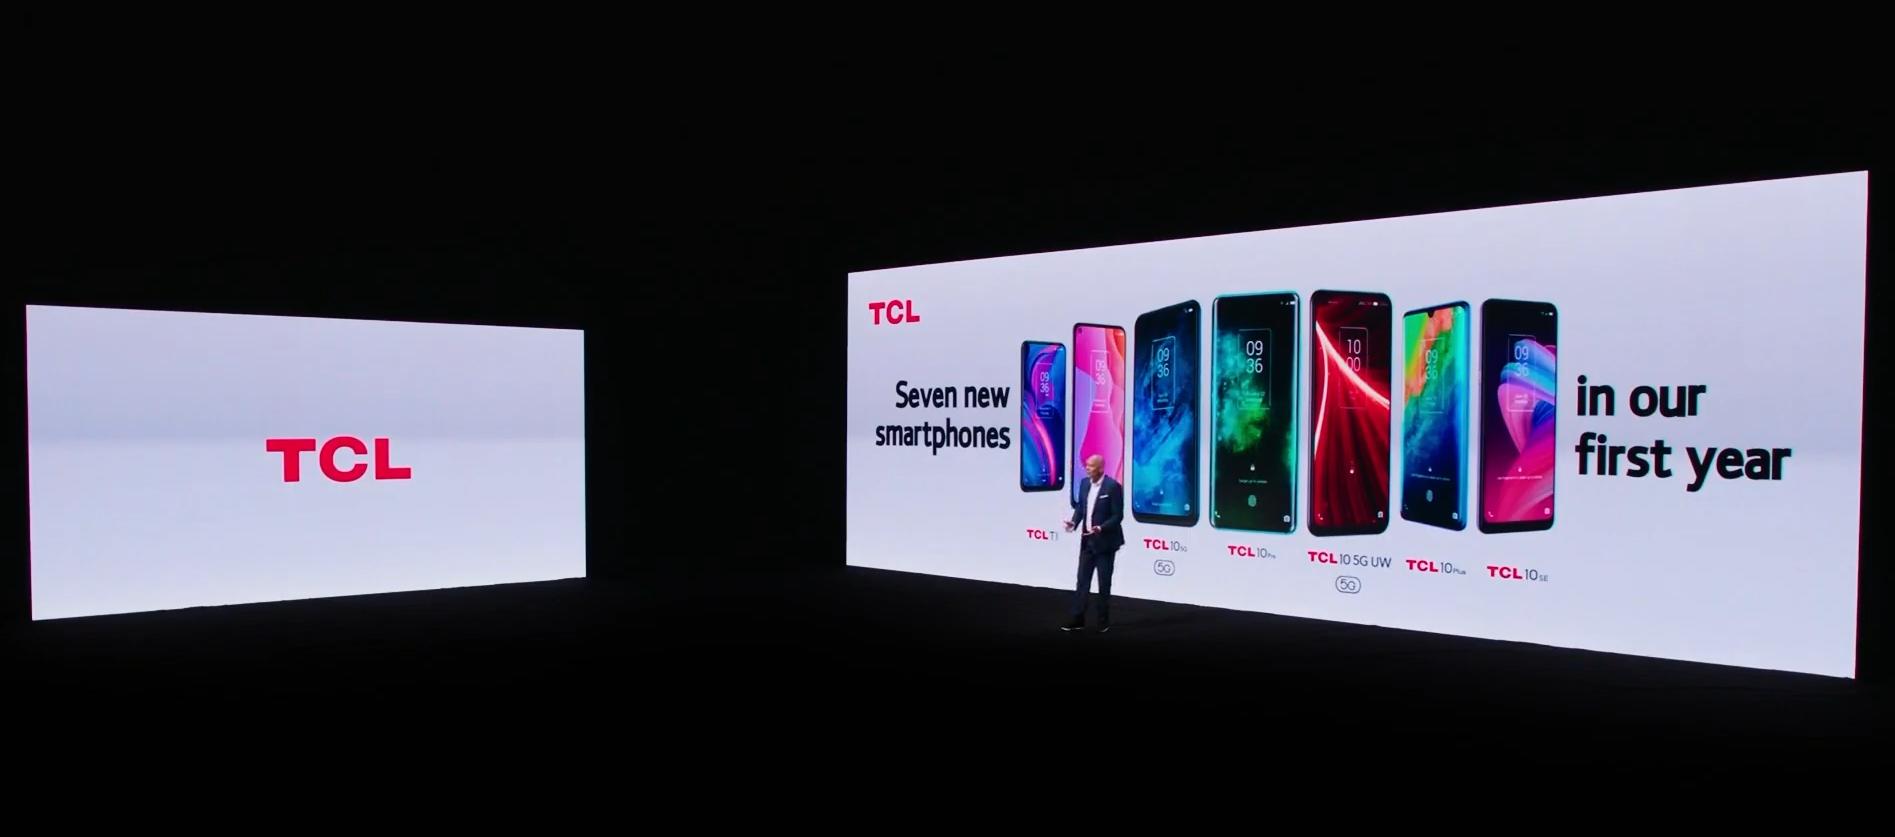 TCL参展CES 2021:20系列5G智能手机、智能观影眼镜正式推出